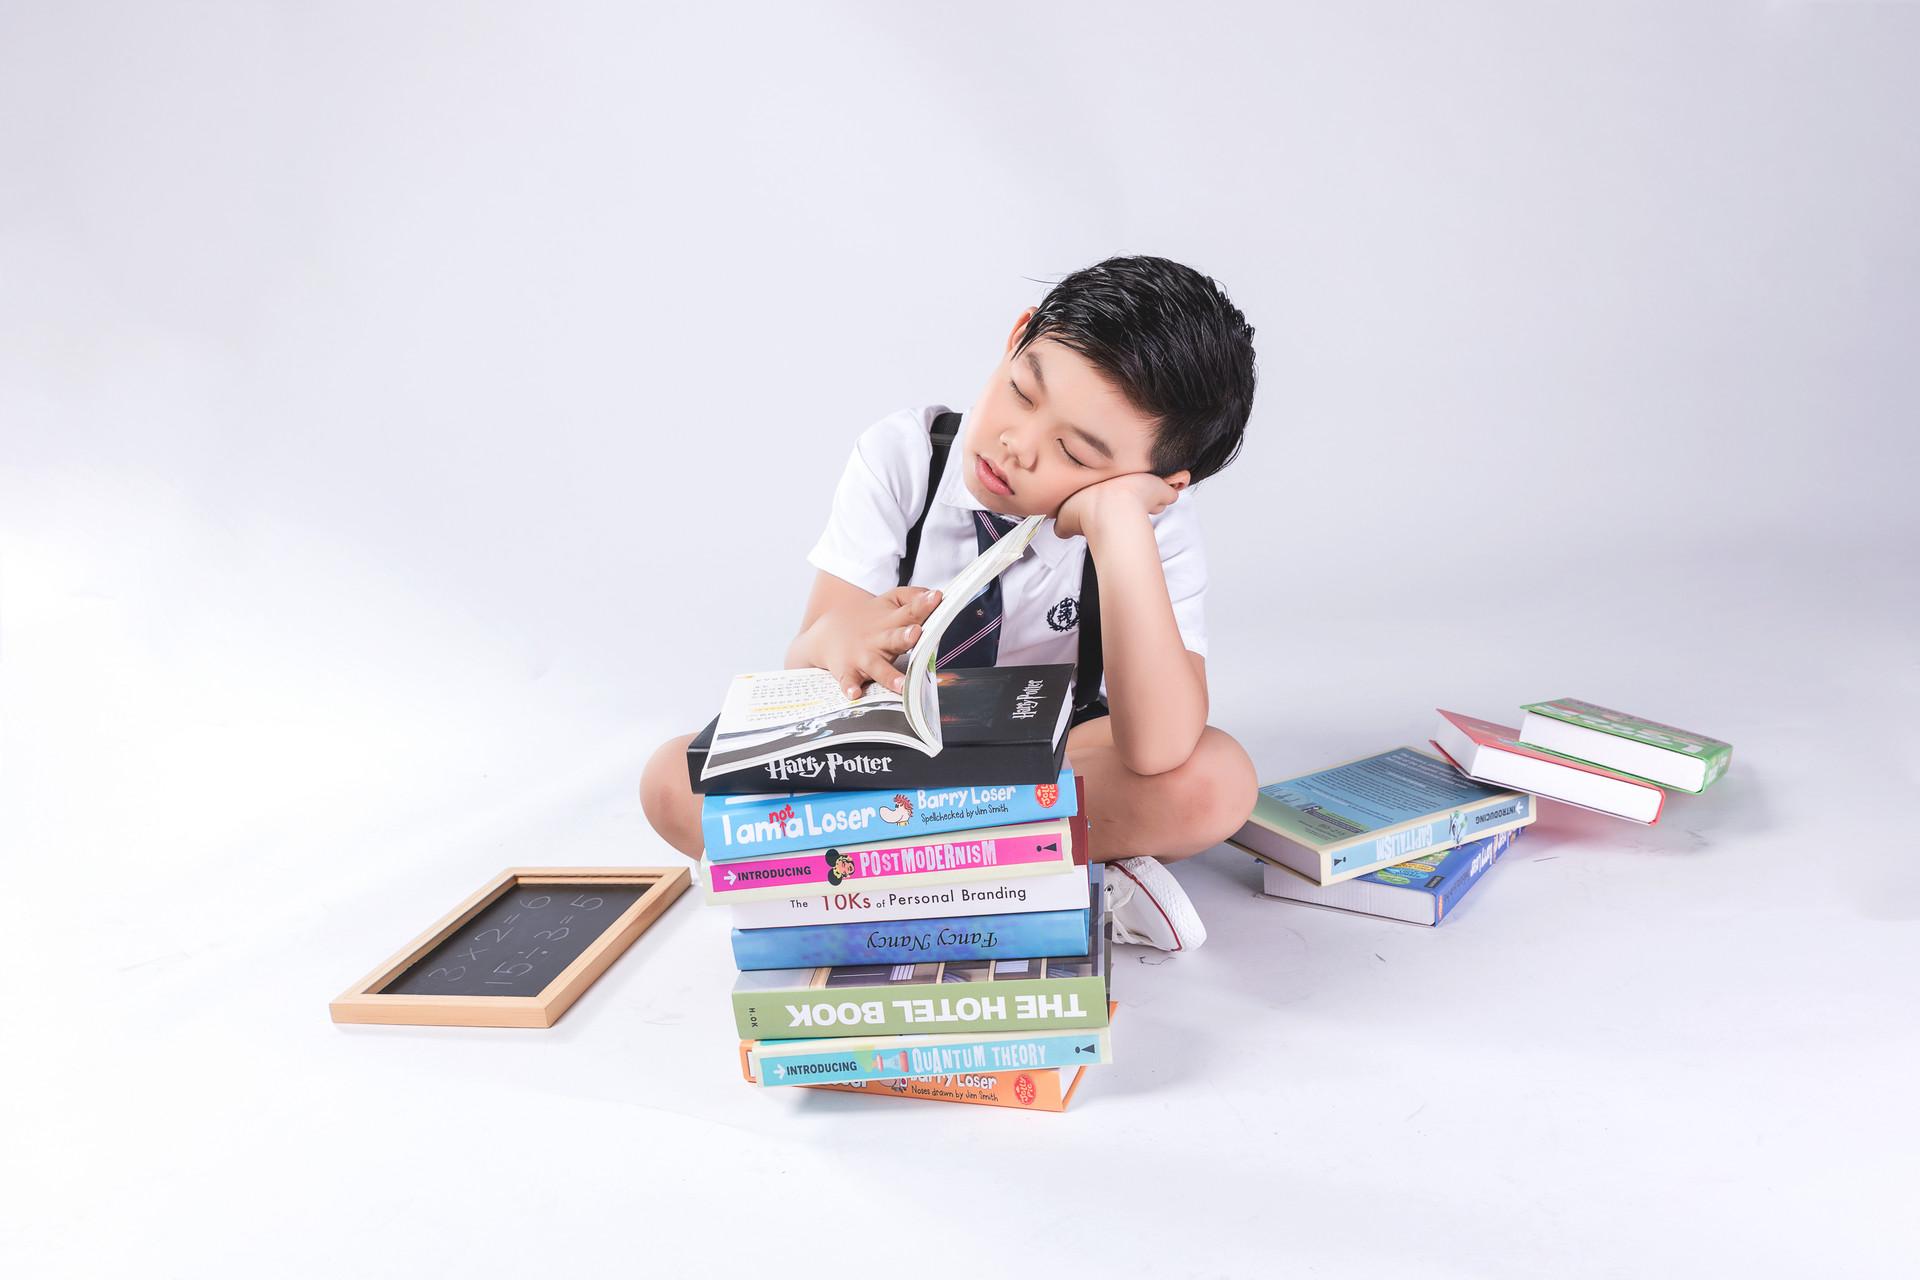 天津兒童珠心算課程